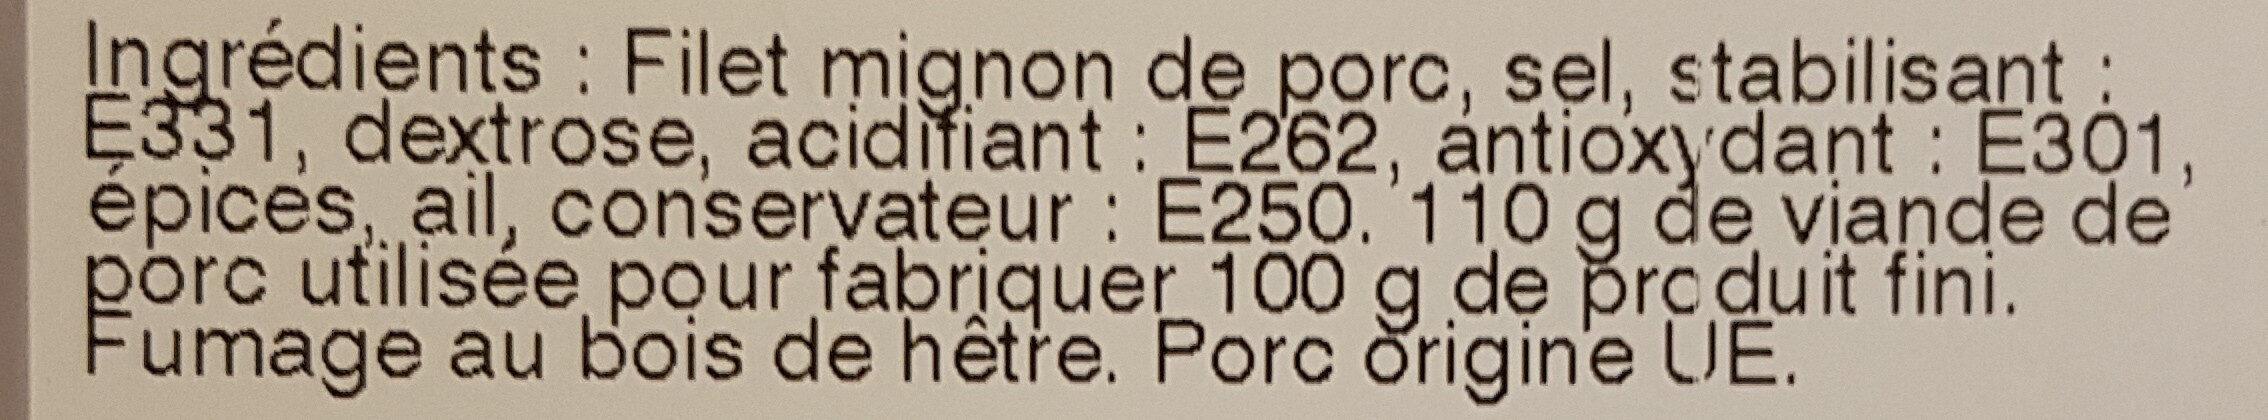 Filet mignon fumé nature - Ingredients - fr